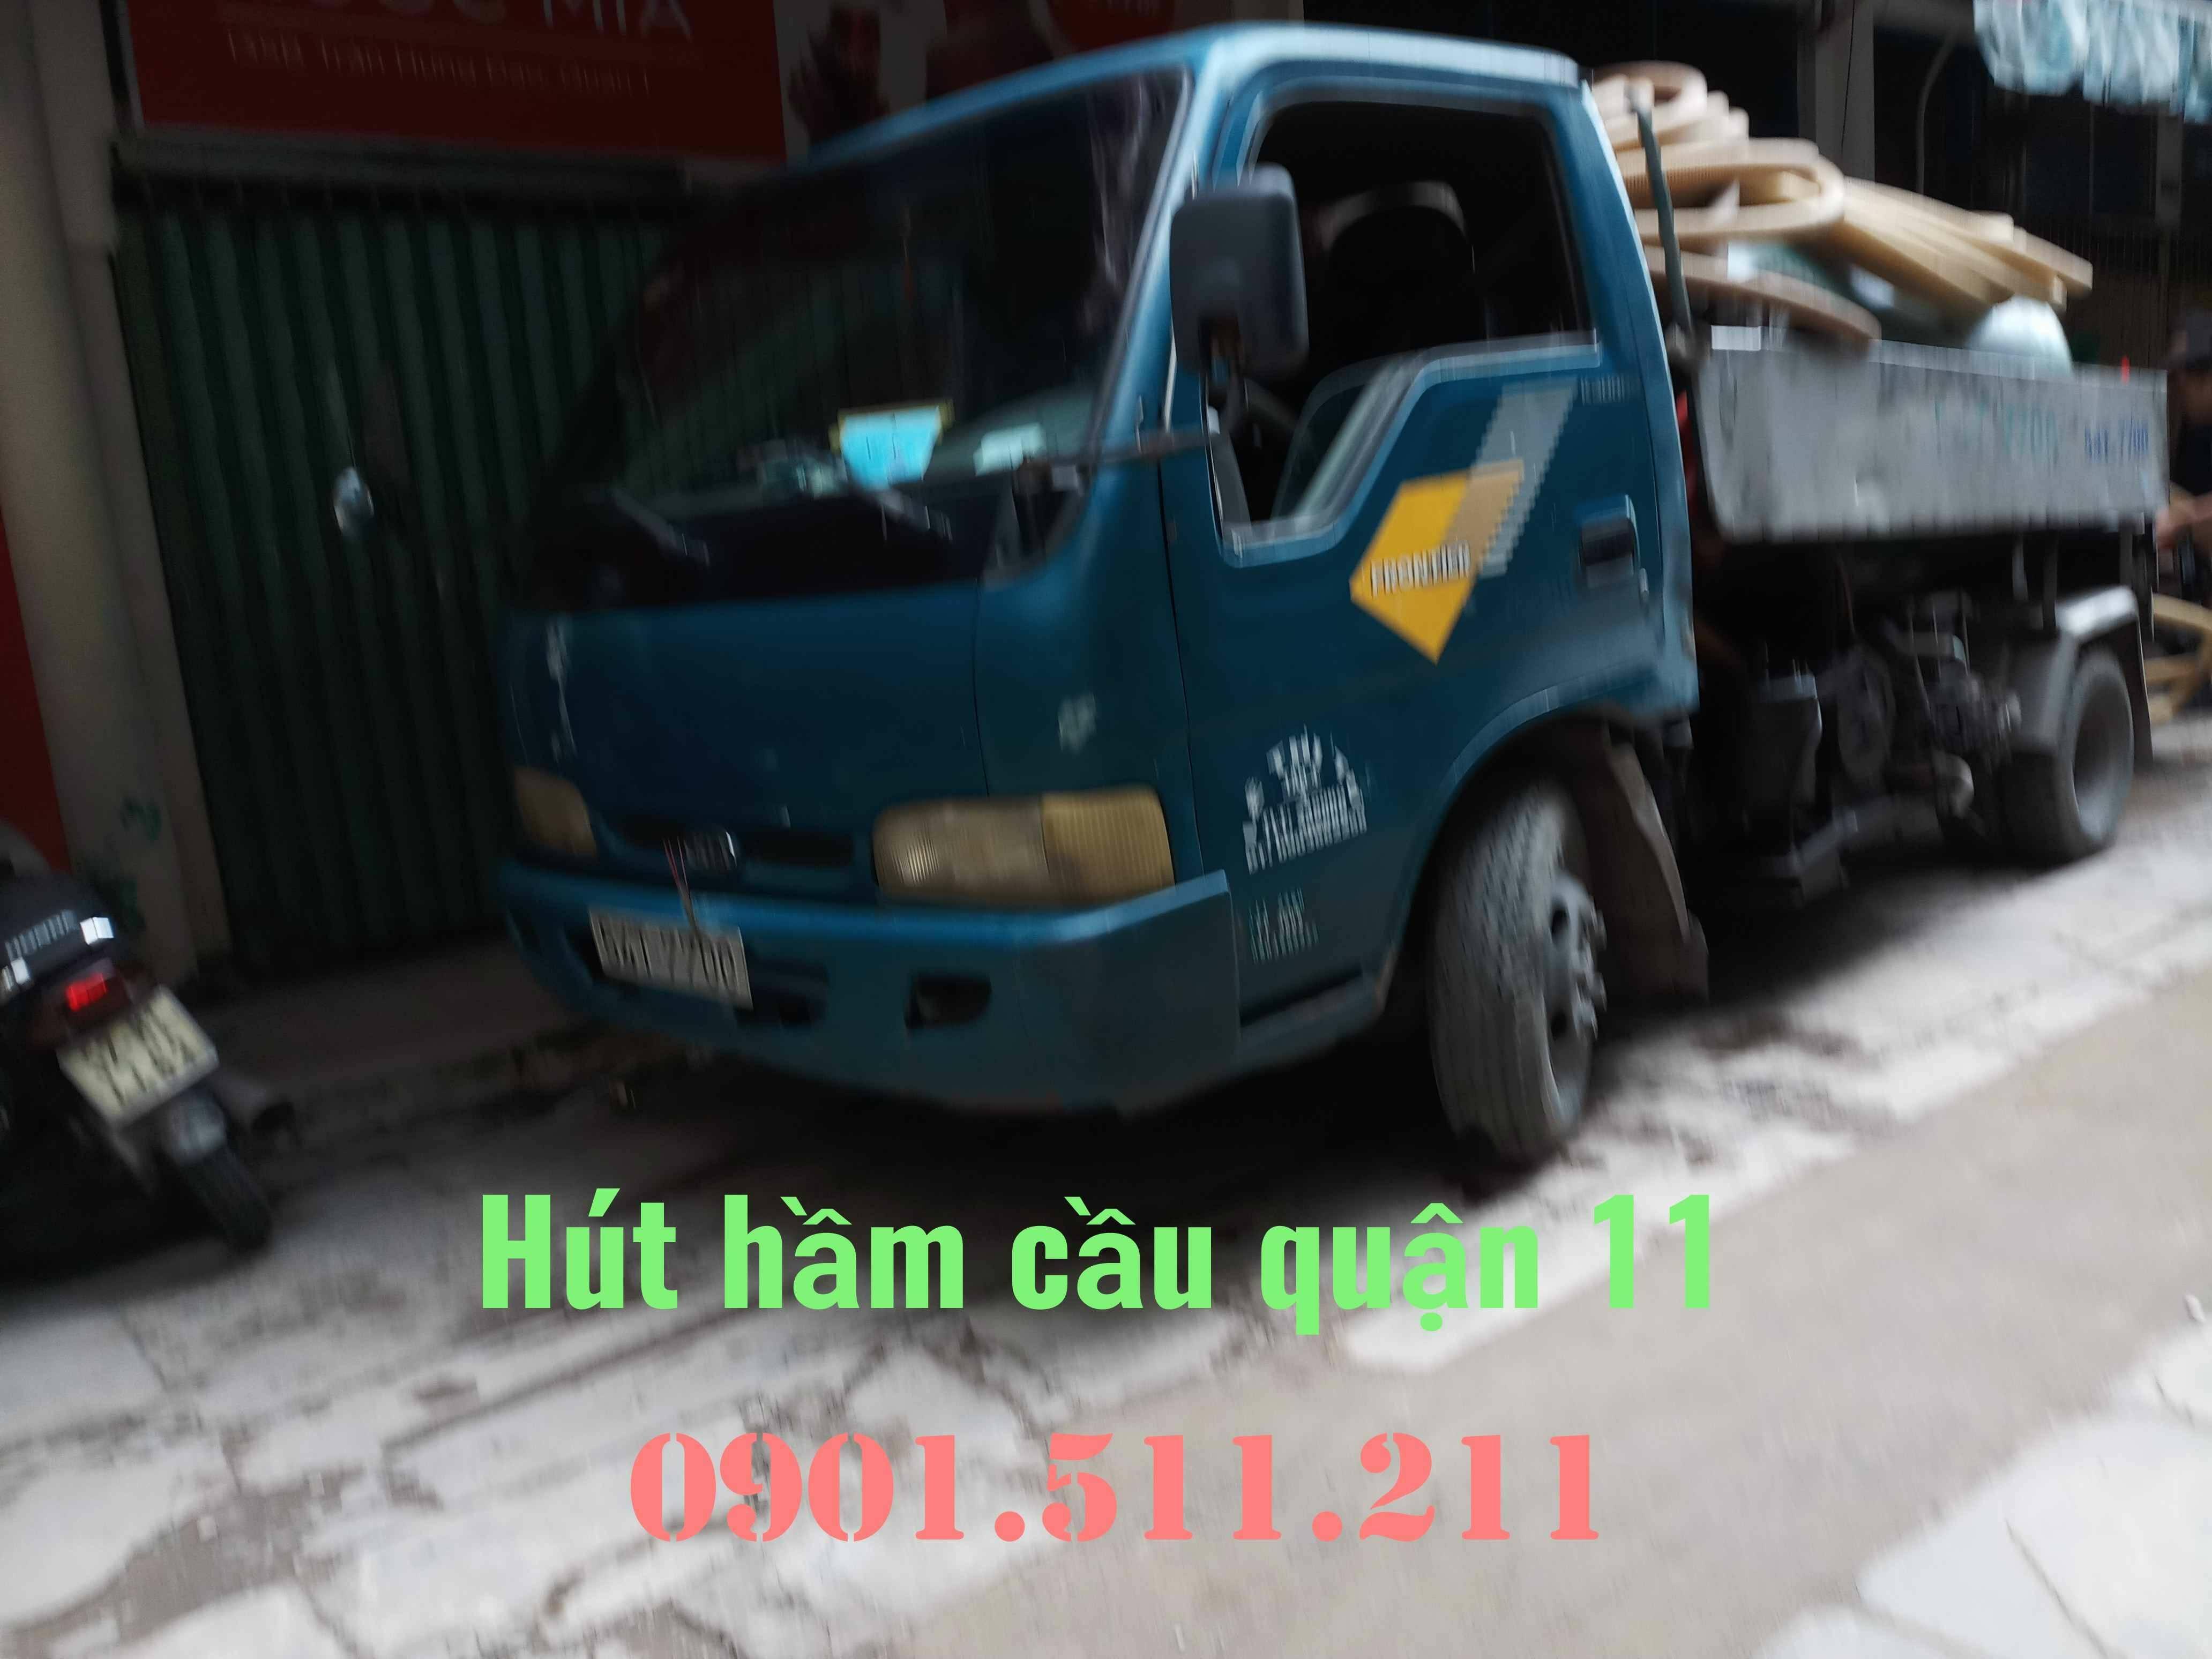 hut-ham-cau-quan-11